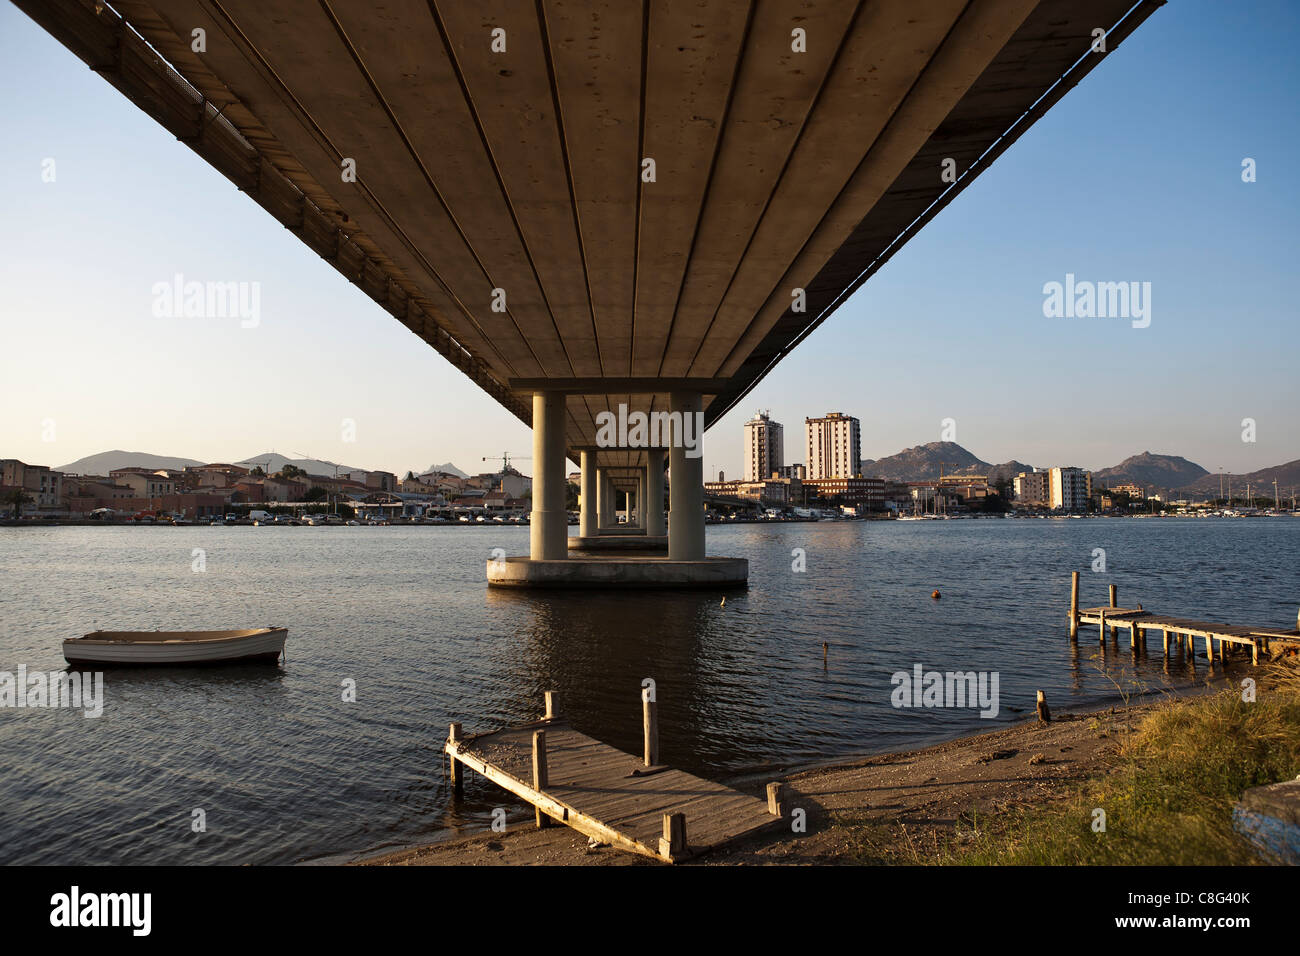 View under the bridge to Olbia, Sardinia, Italy, Europe - Stock Image